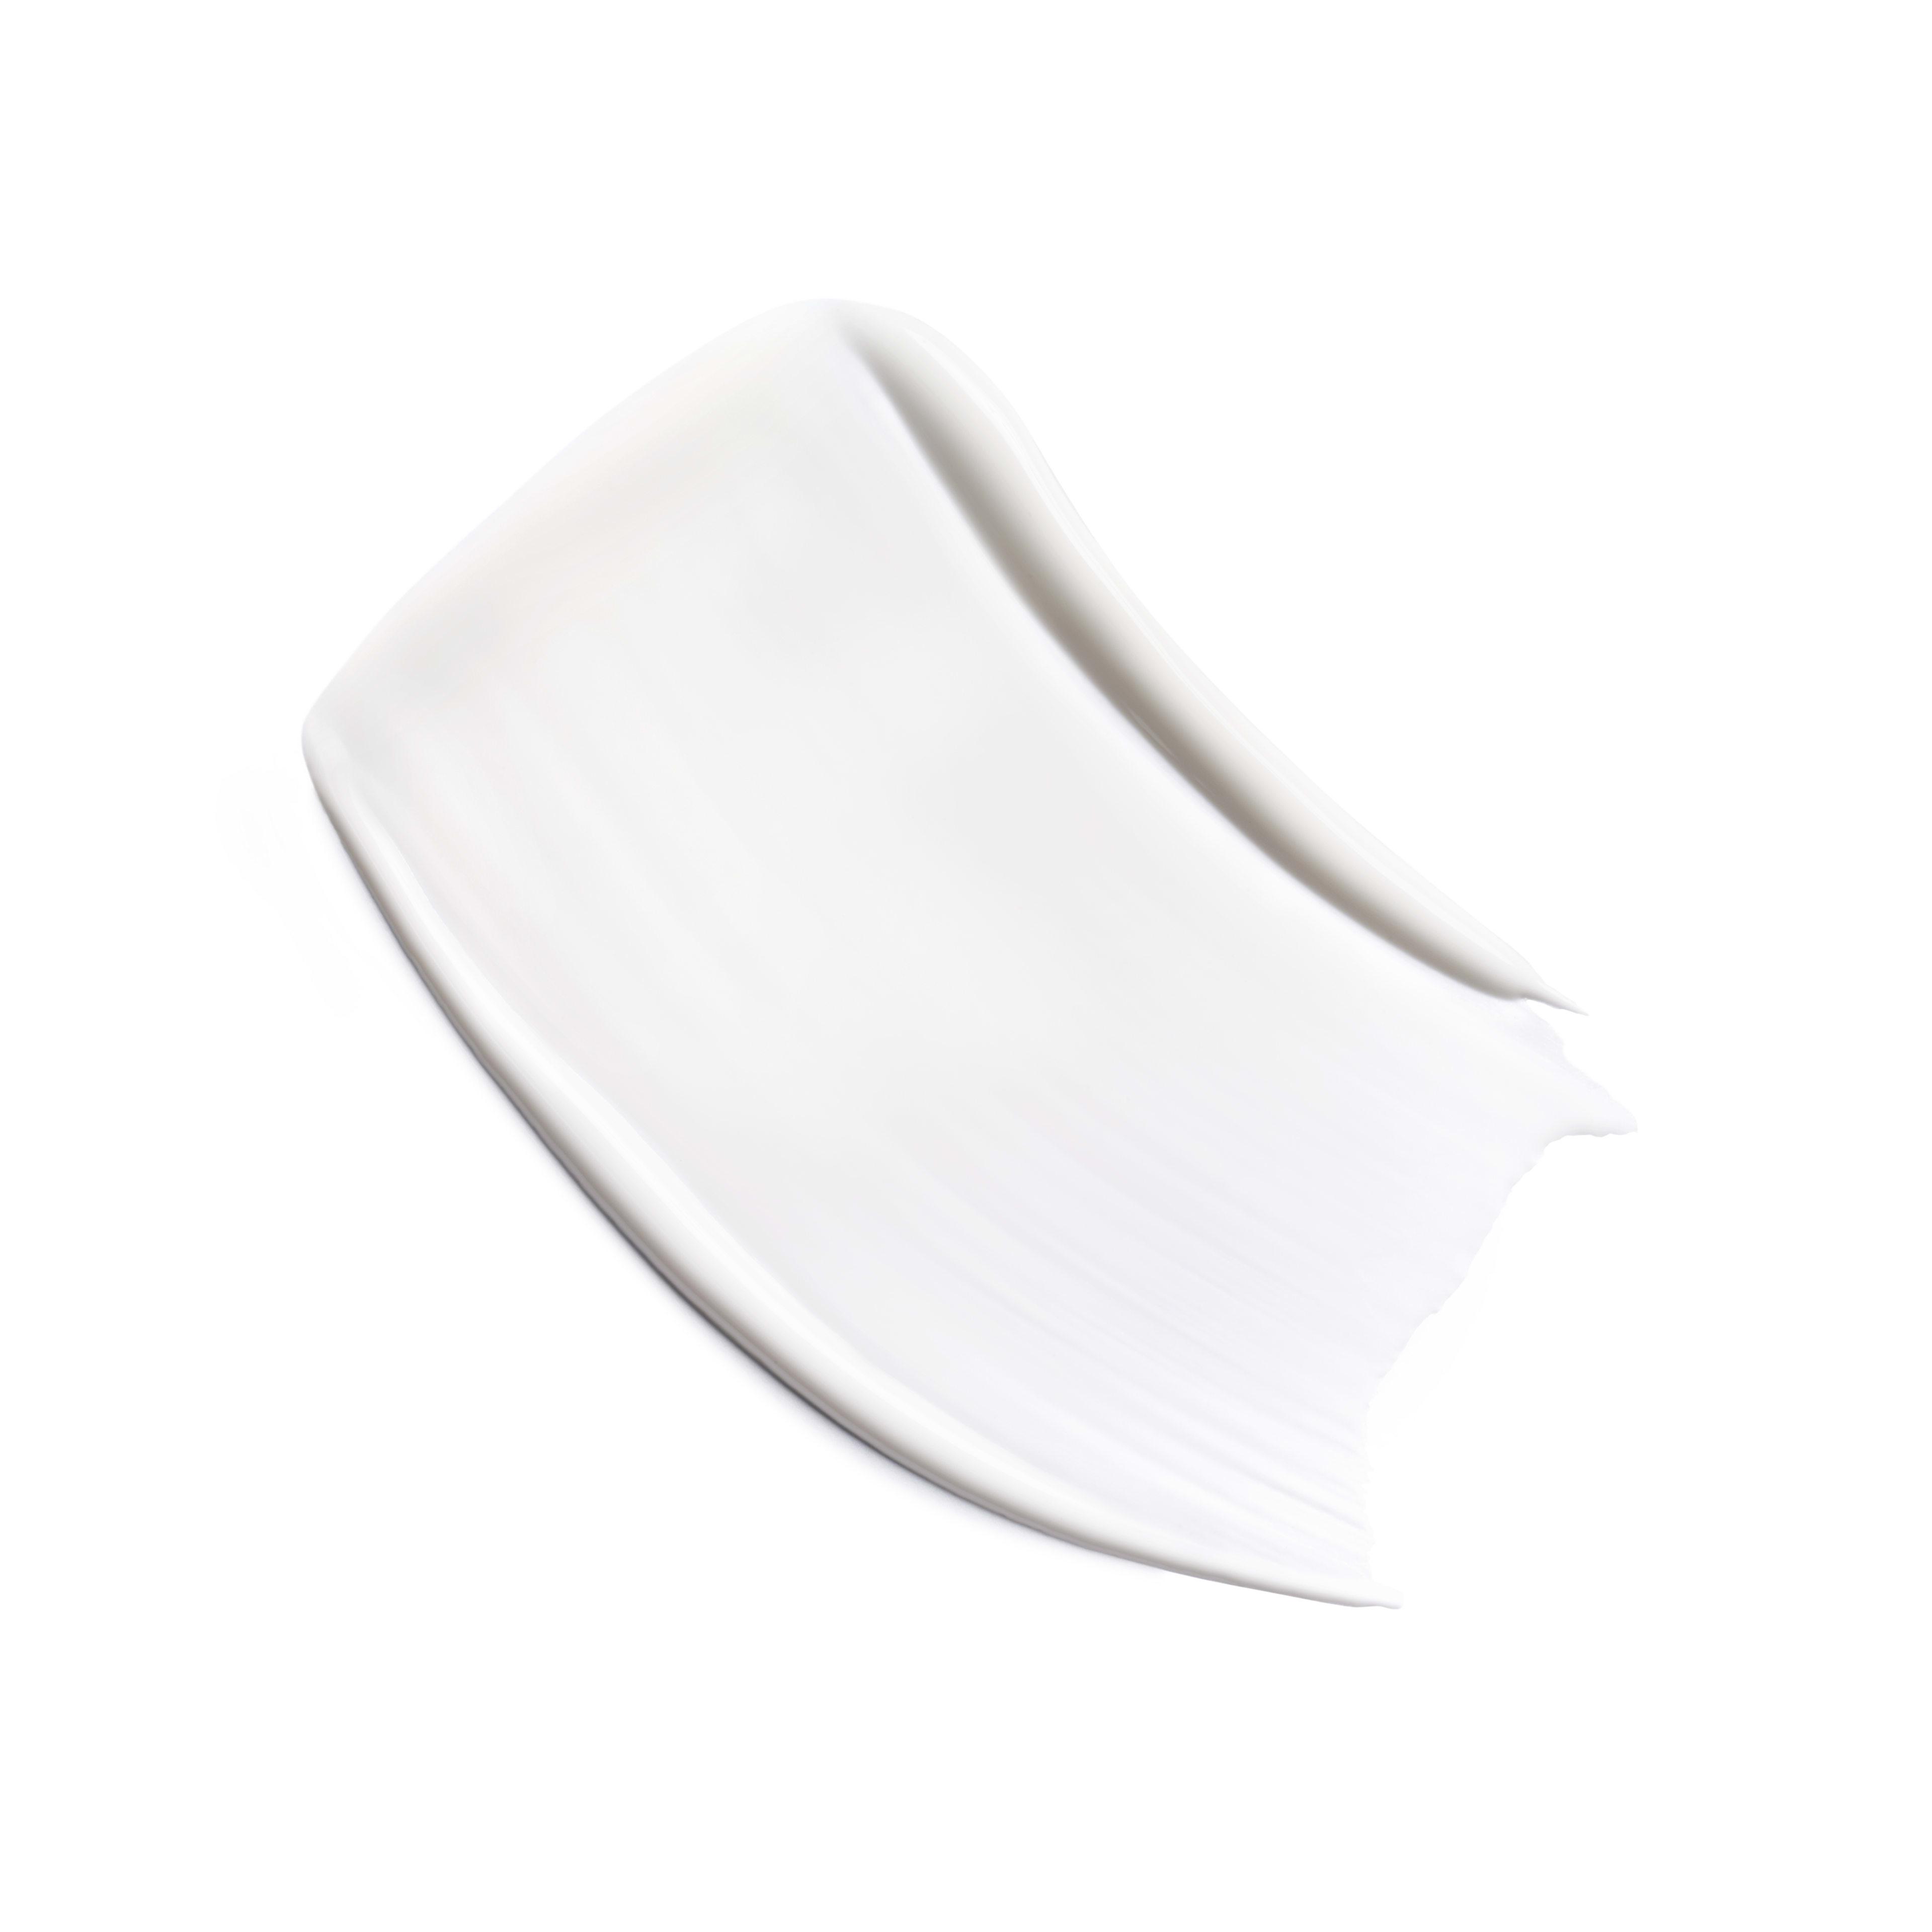 LE BLANC DE CHANEL - makeup - 30ml - Basic texture view